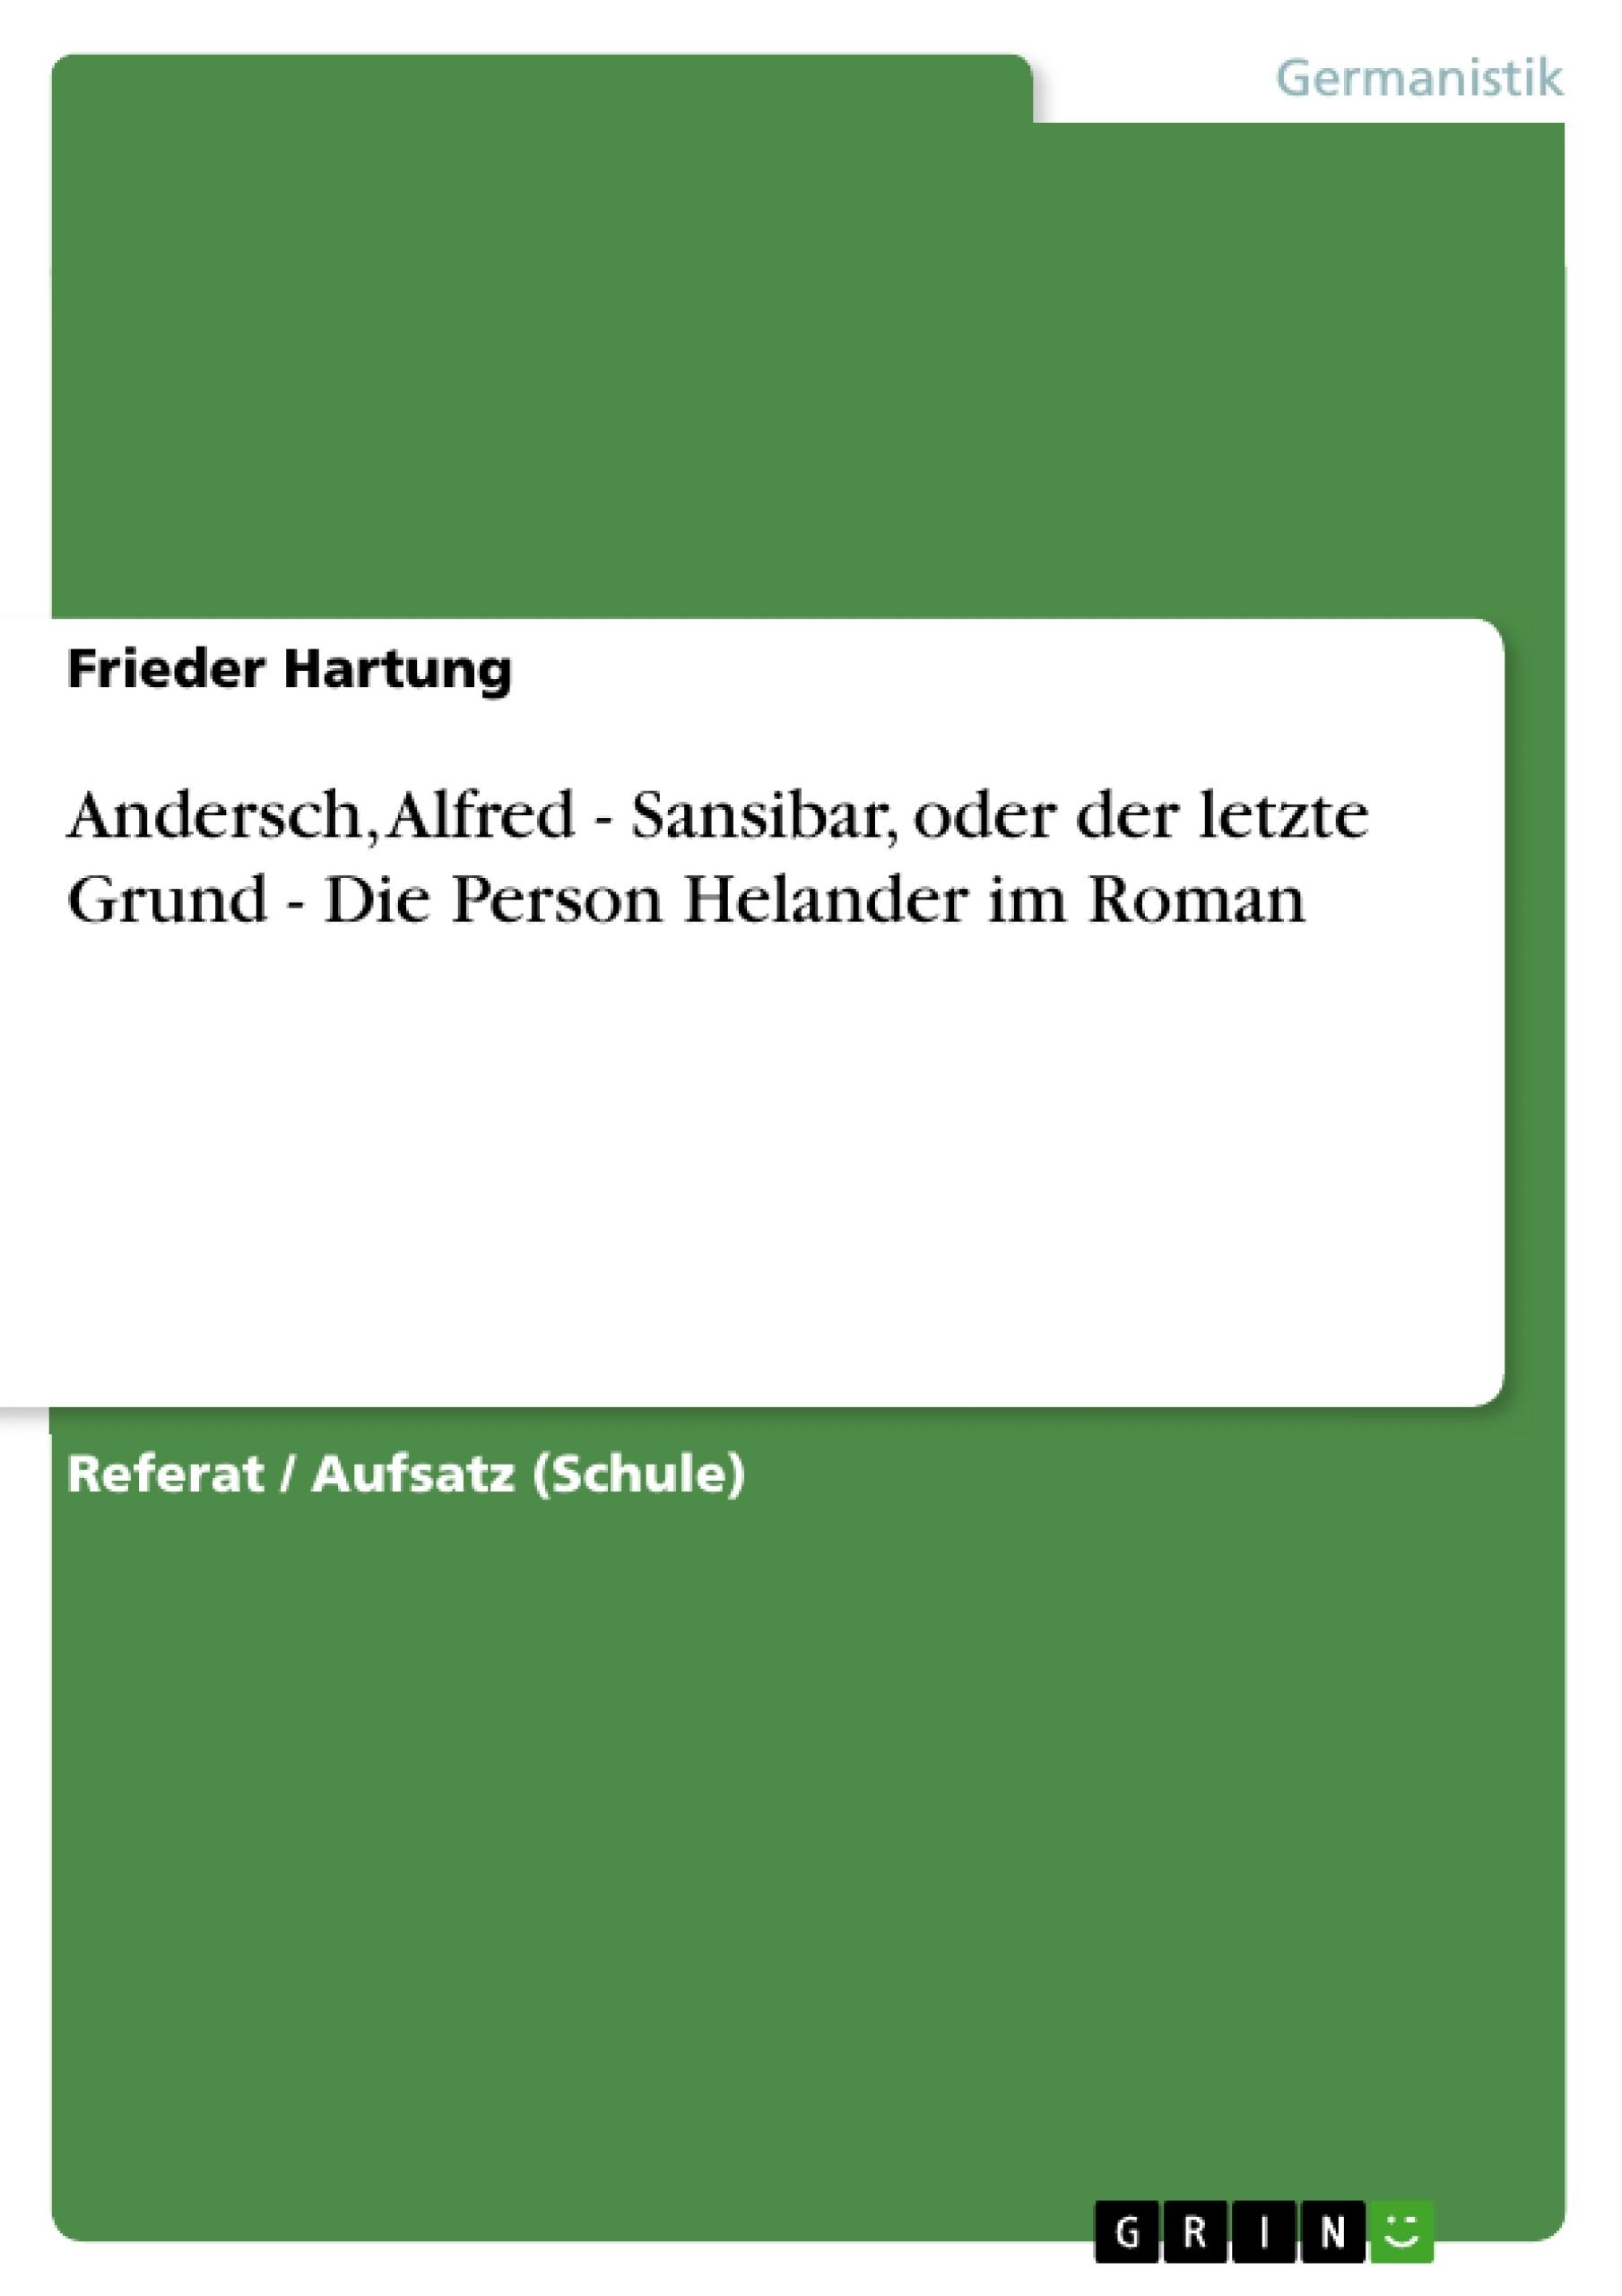 Titel: Andersch, Alfred - Sansibar, oder der letzte Grund - Die Person Helander im Roman